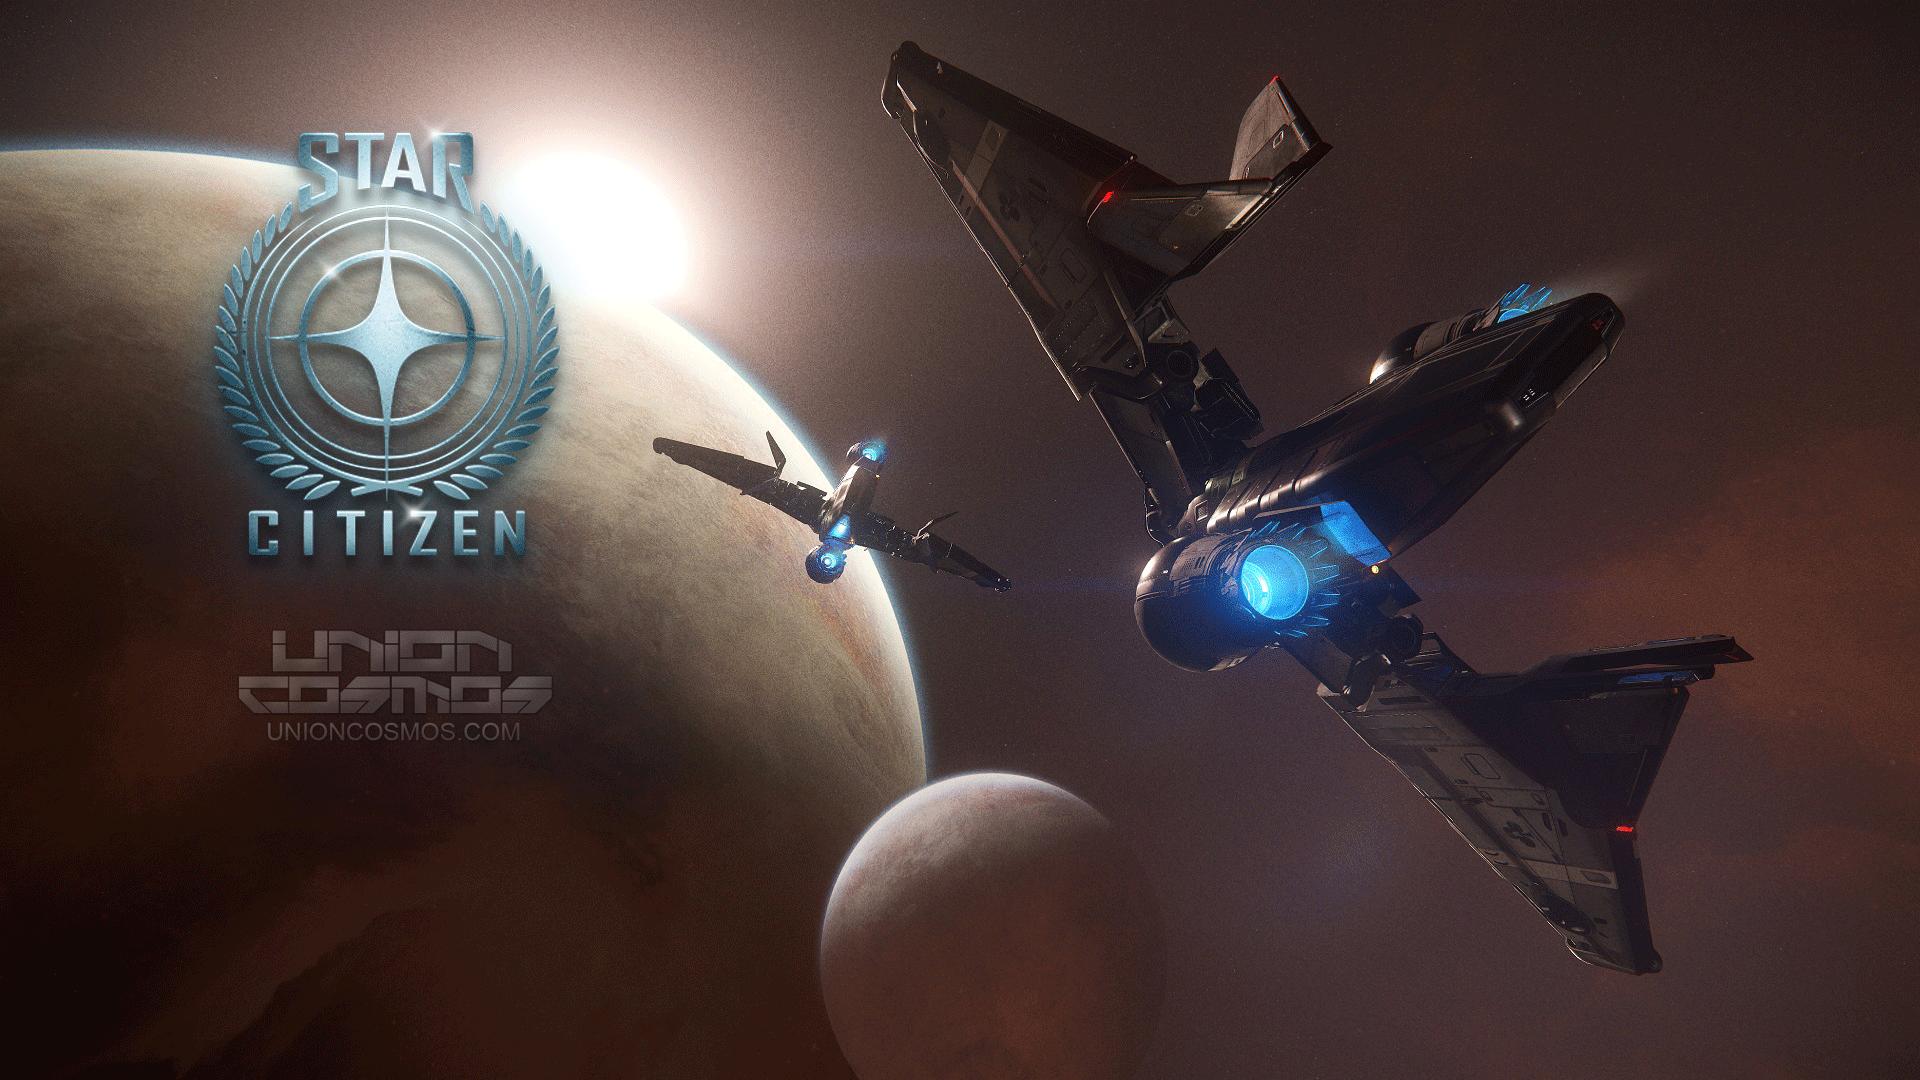 Union-Cosmos-Satr-Citizen-Alpha-2.5-Reliant_Kore